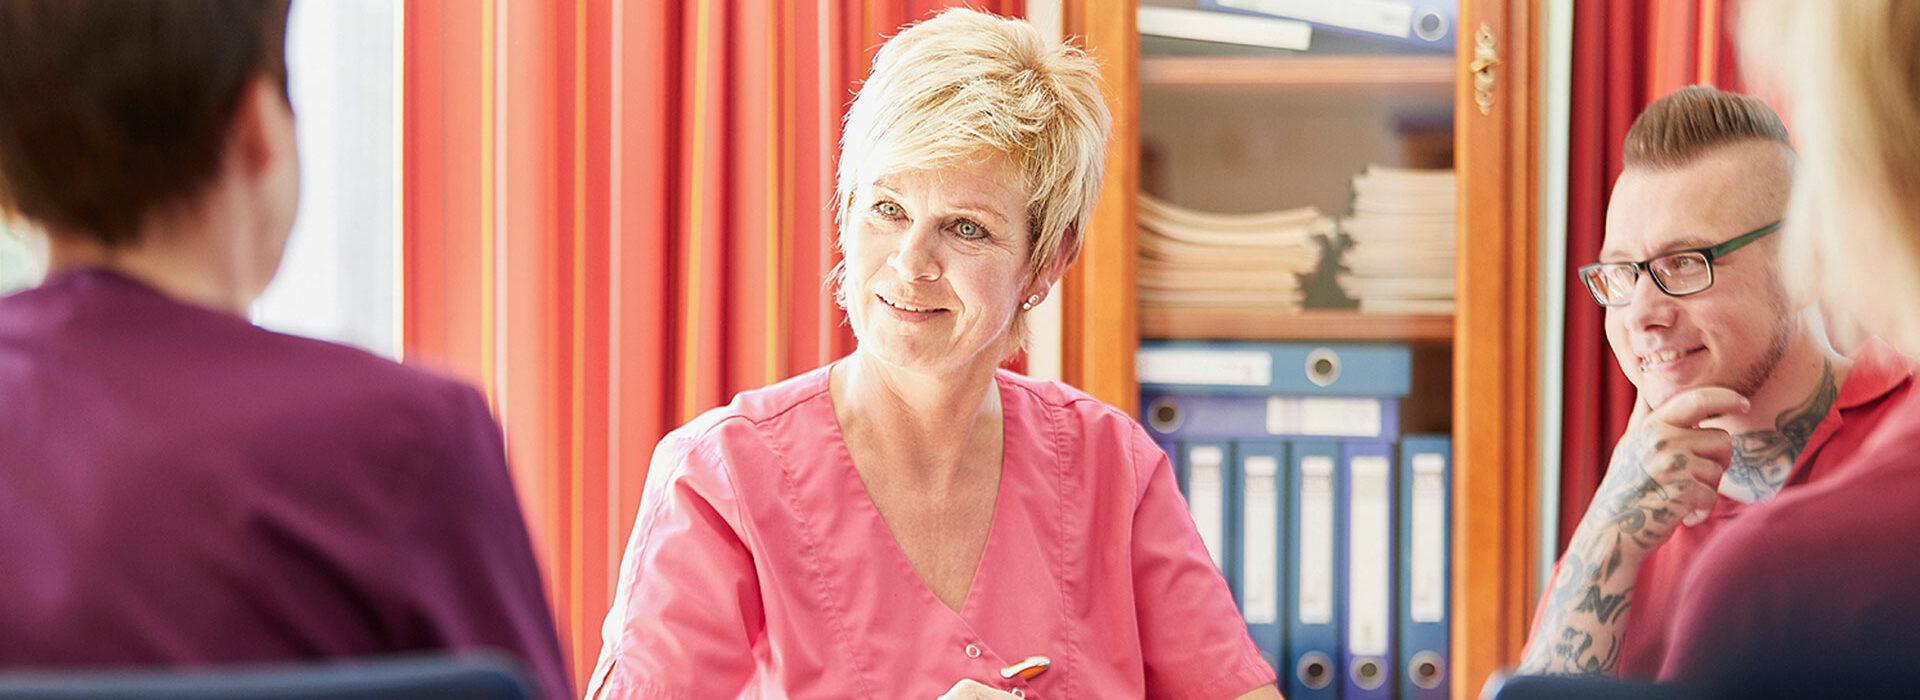 Foto: Leiterin der Stationären Pflege im Mitarbeitergespräch